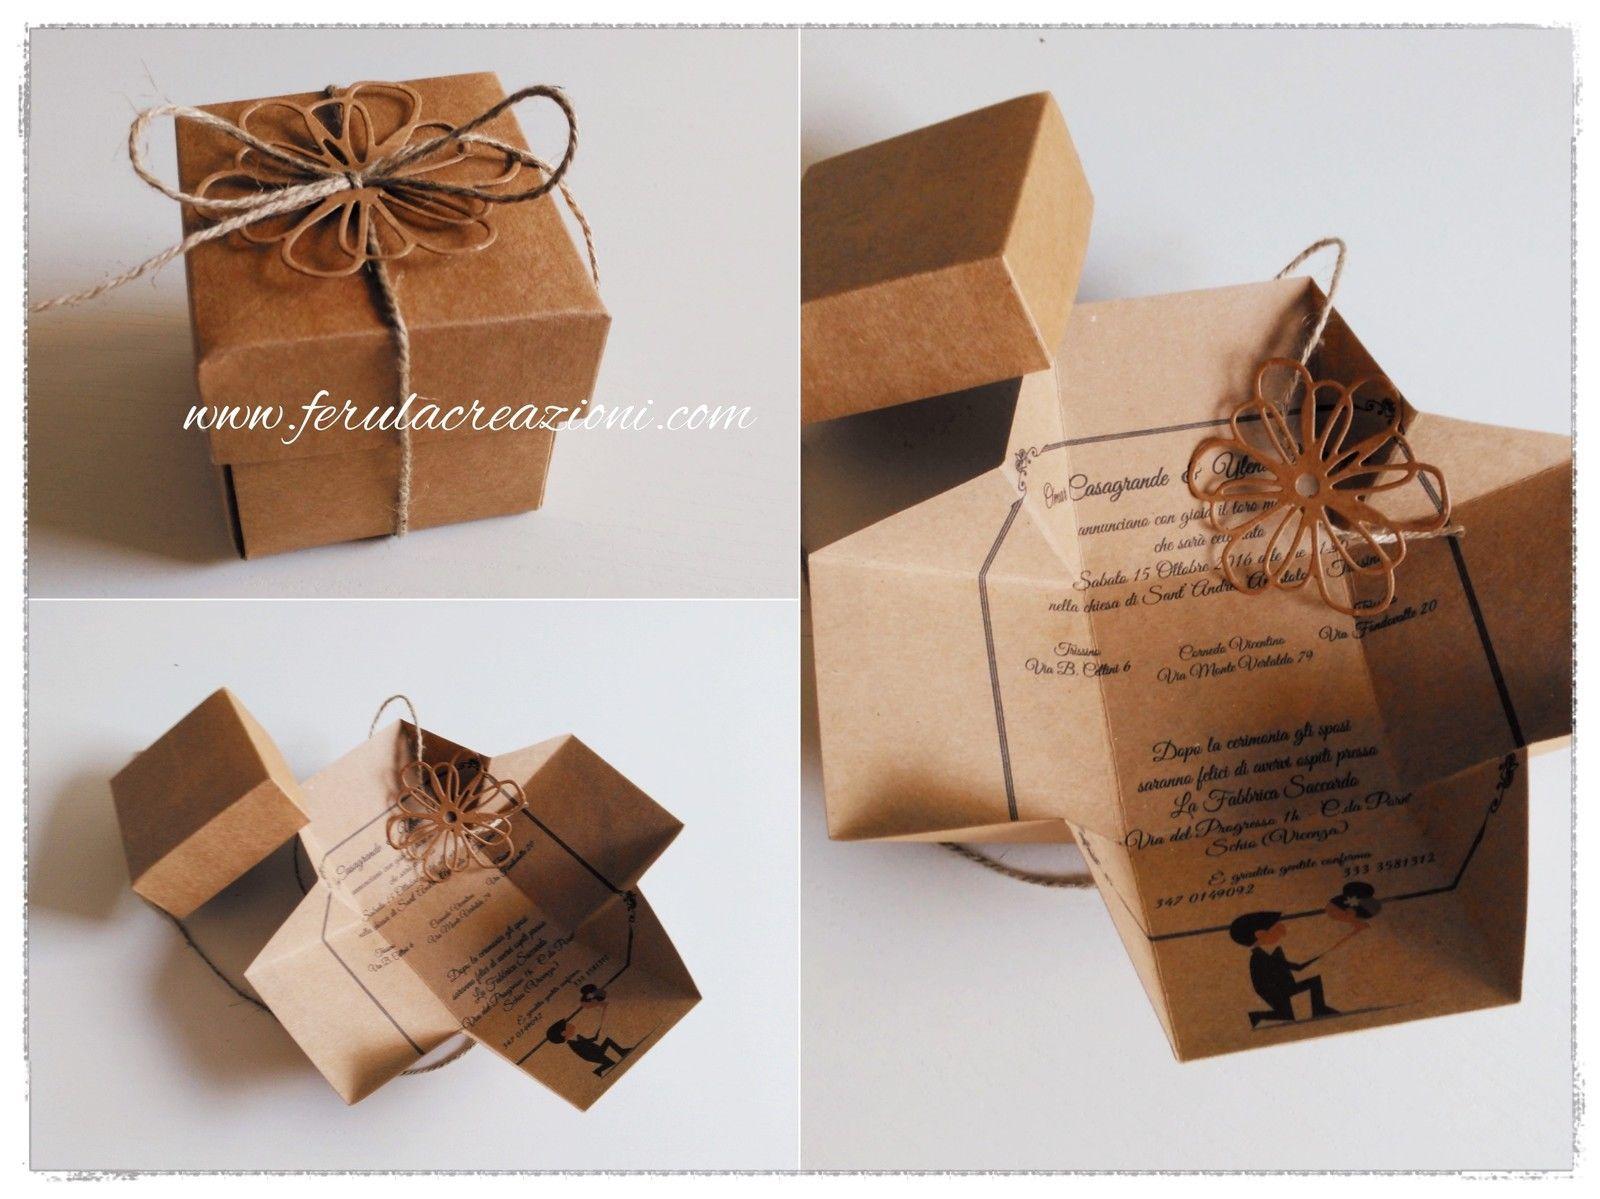 Ebay Partecipazioni Matrimonio.Partecipazioni Matrimonio 3d Exploding Box Vintage Inviti